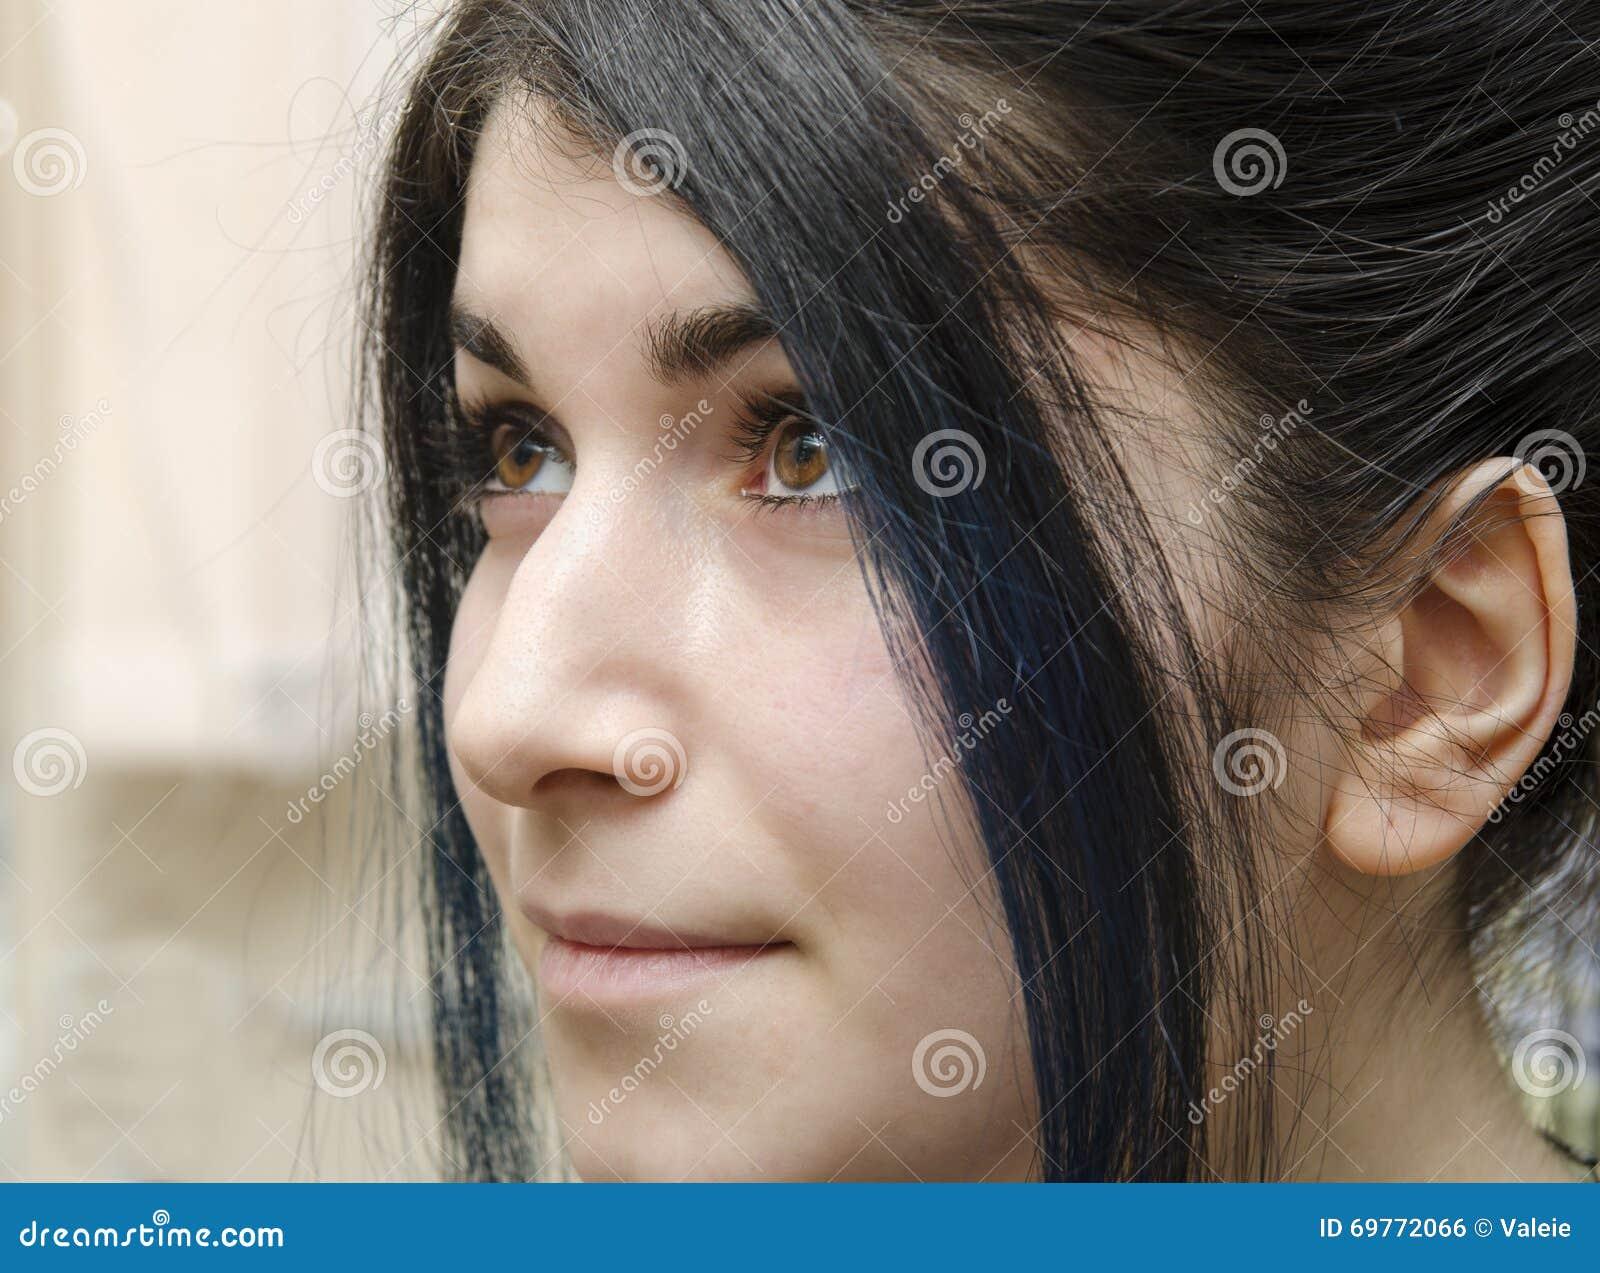 schwarze haare braune augen